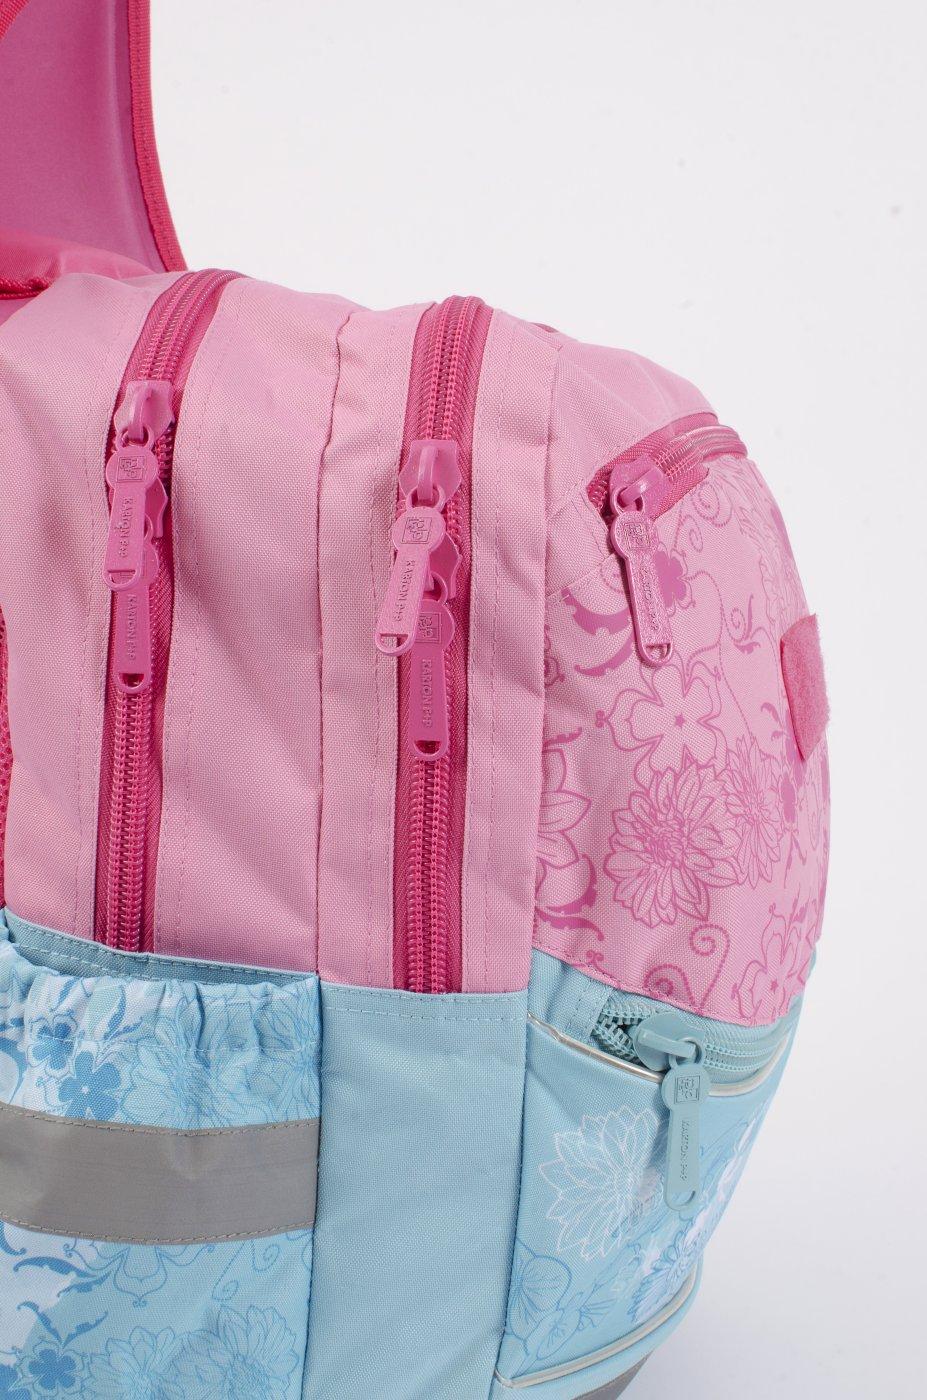 4414eafb55f Anatomický batoh PLUS Winx - Školní potřeby » BATOHY A AKTOVKY » PLUS